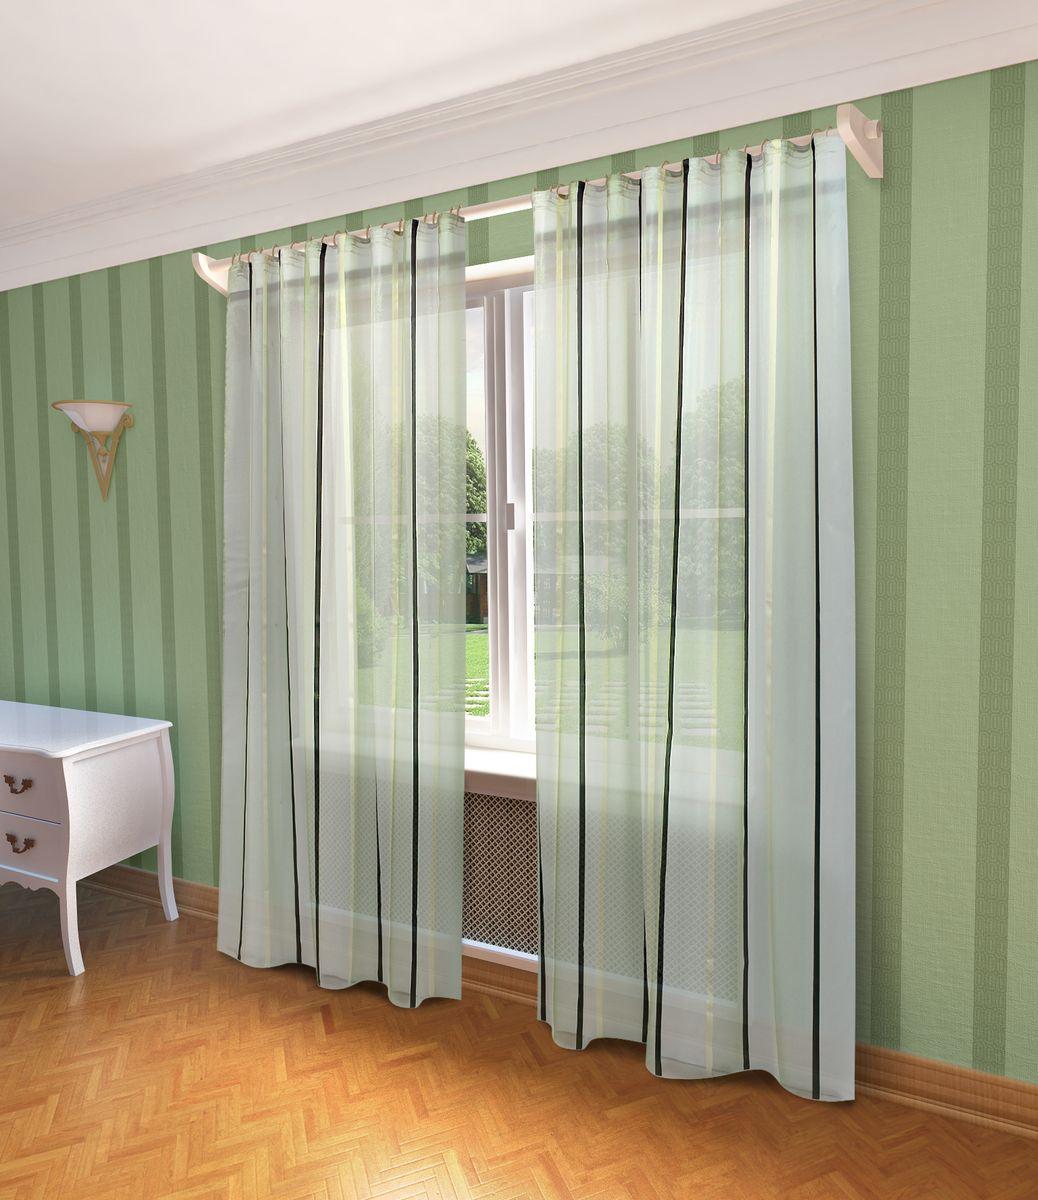 Тюль Sanpa Home Collection Холли, на ленте, цвет: зеленый, высота 280 смVCA-00Тюль Холли нежного цвета изготовлена из полуорганзы. Воздушная ткань привлечет к себе внимание и идеально оформит интерьер любого помещения. Тюль сделает ваш интерьер более нежным, воздушным и невесомым. Можно драпировать окно только тюлью или только портьерами, но вместе они создают идеальную композицию. Мы рекомендуем под однотонные портьеры нейтральных тонов подбирать сложносочиненную тюль, с изысканной вышивкой и орнаментом, а под портьеры с рисунком или ярких тонов - выбирать тюль с минималистичным рисунком или вообще без него.Крепление к карнизу осуществляется при помощи вшитой шторной ленты.